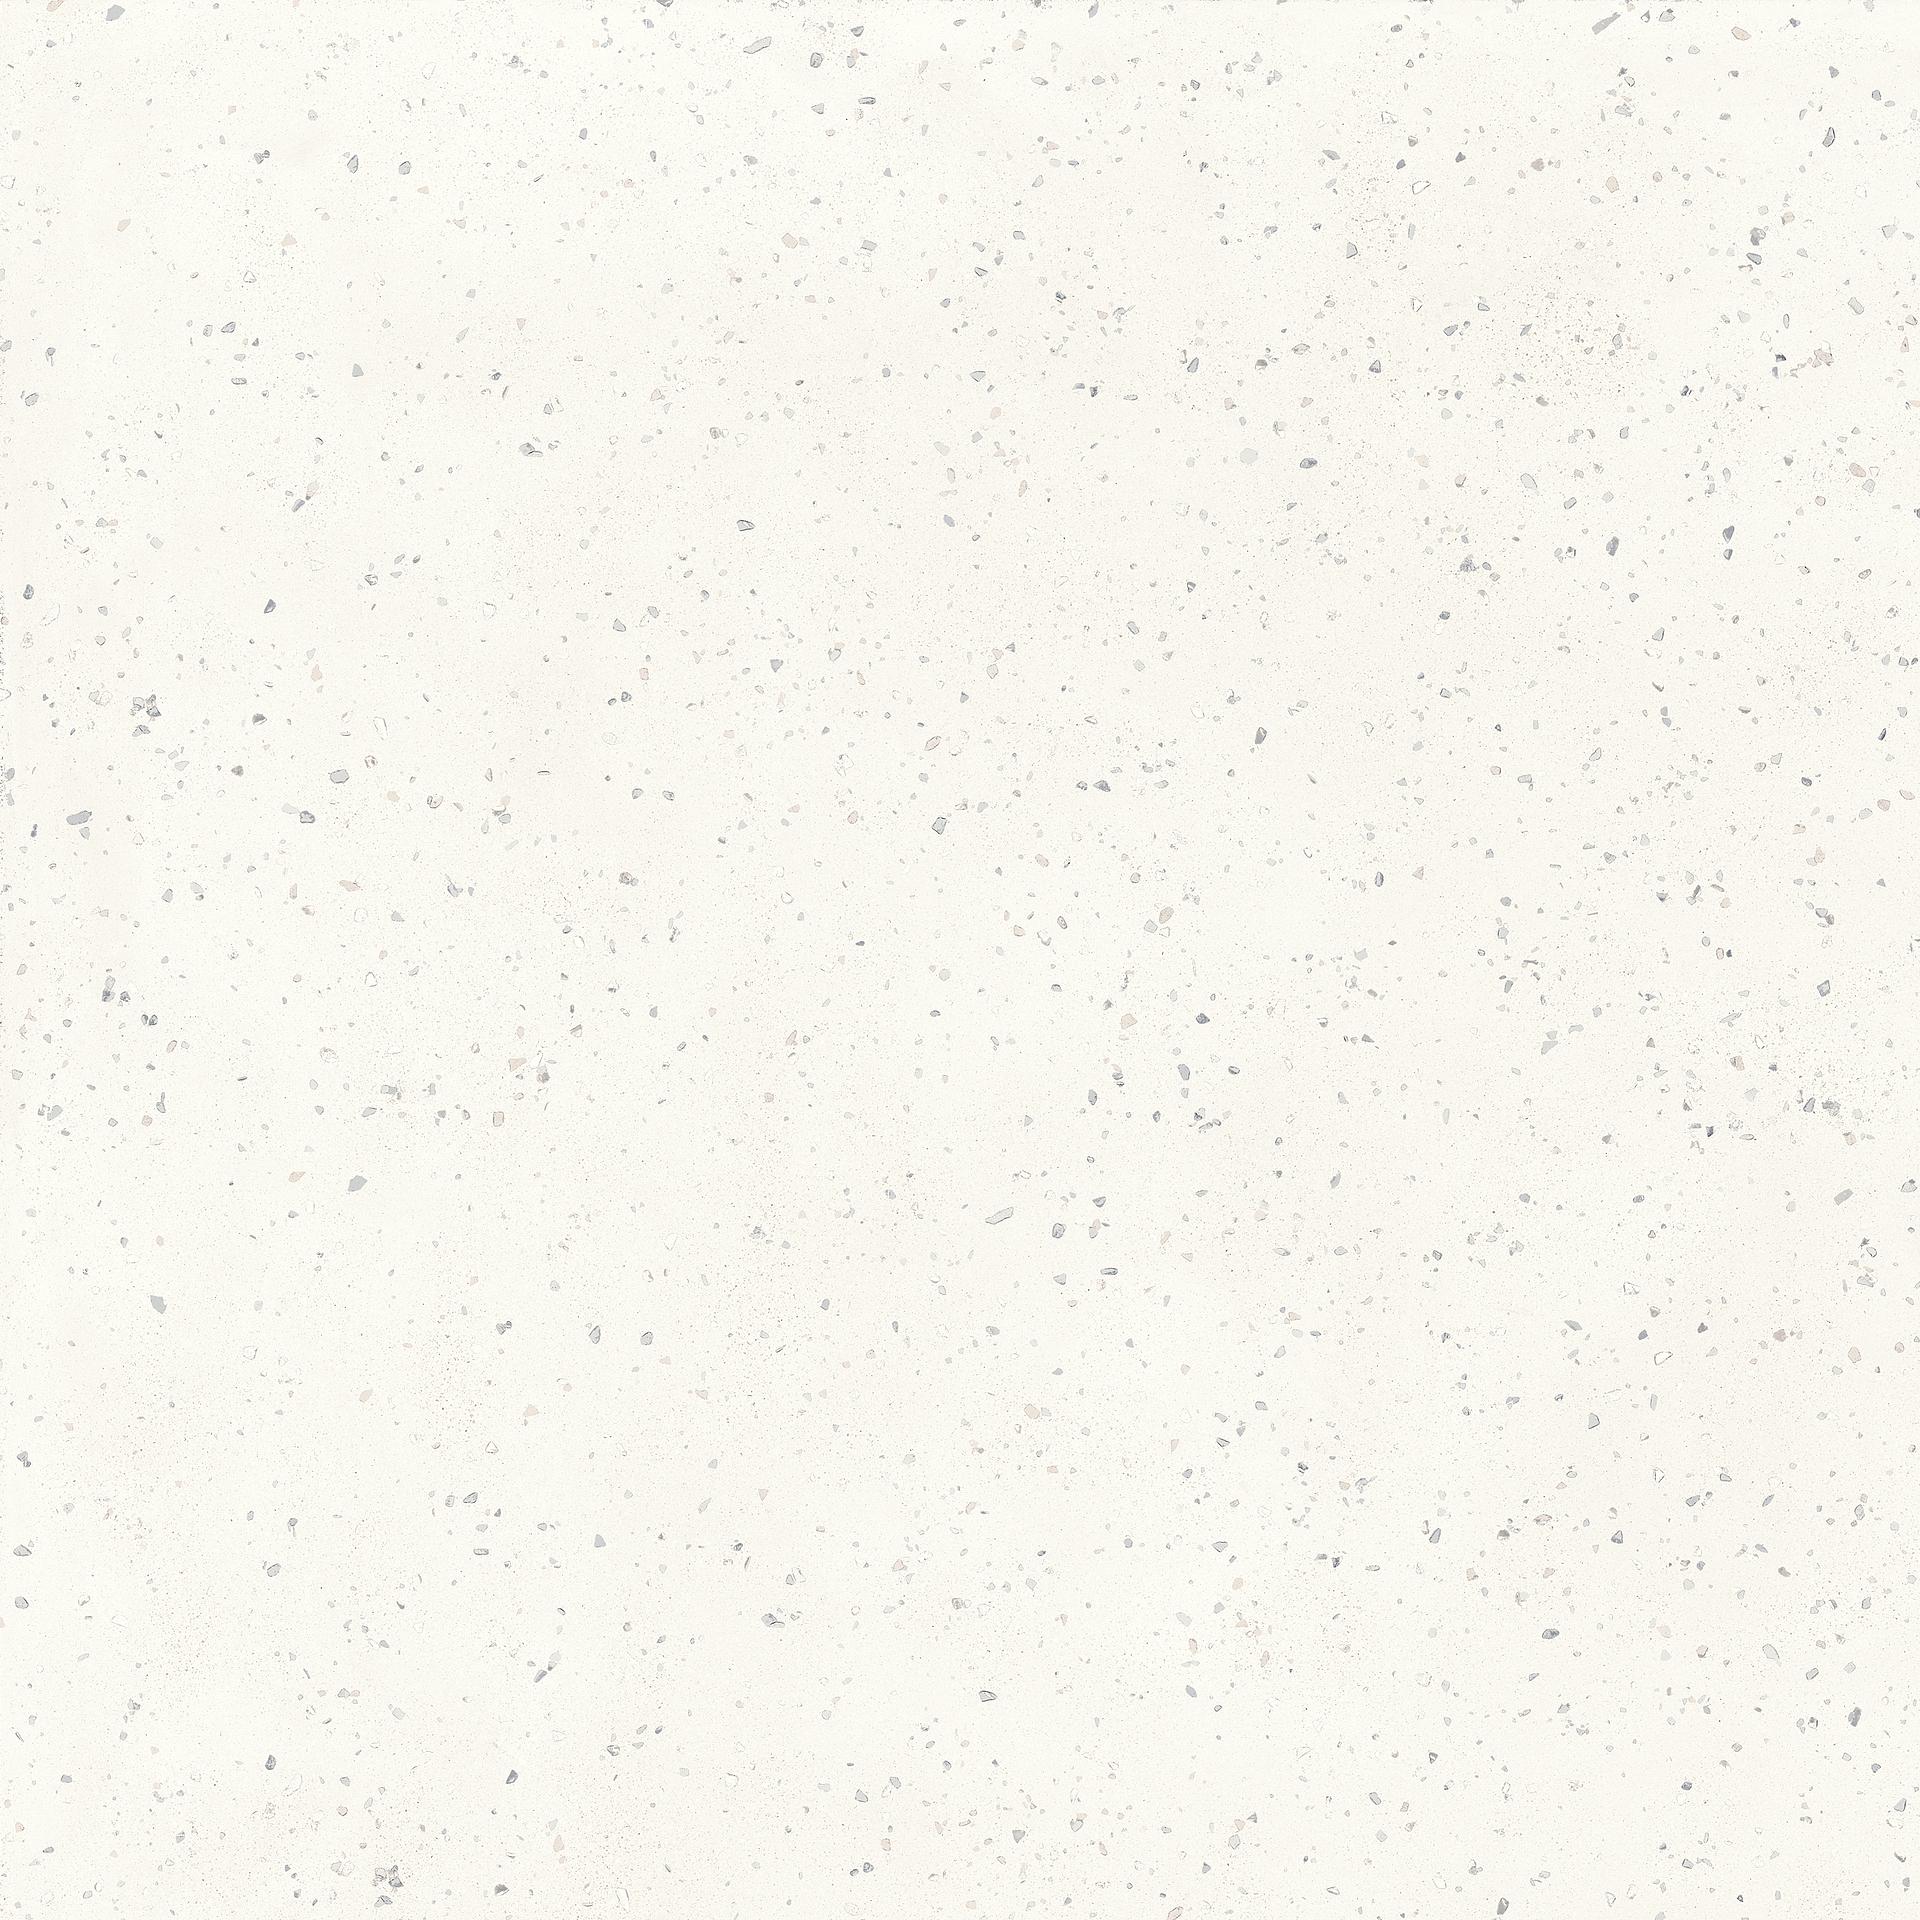 Płytki bazowe Deconcrete od Sant′Agostino, Gres nieszkliwiony, 90x90 cm, Powierzchnia antypoślizgowa, Efekt lastryko,betonu, Kolor biały,